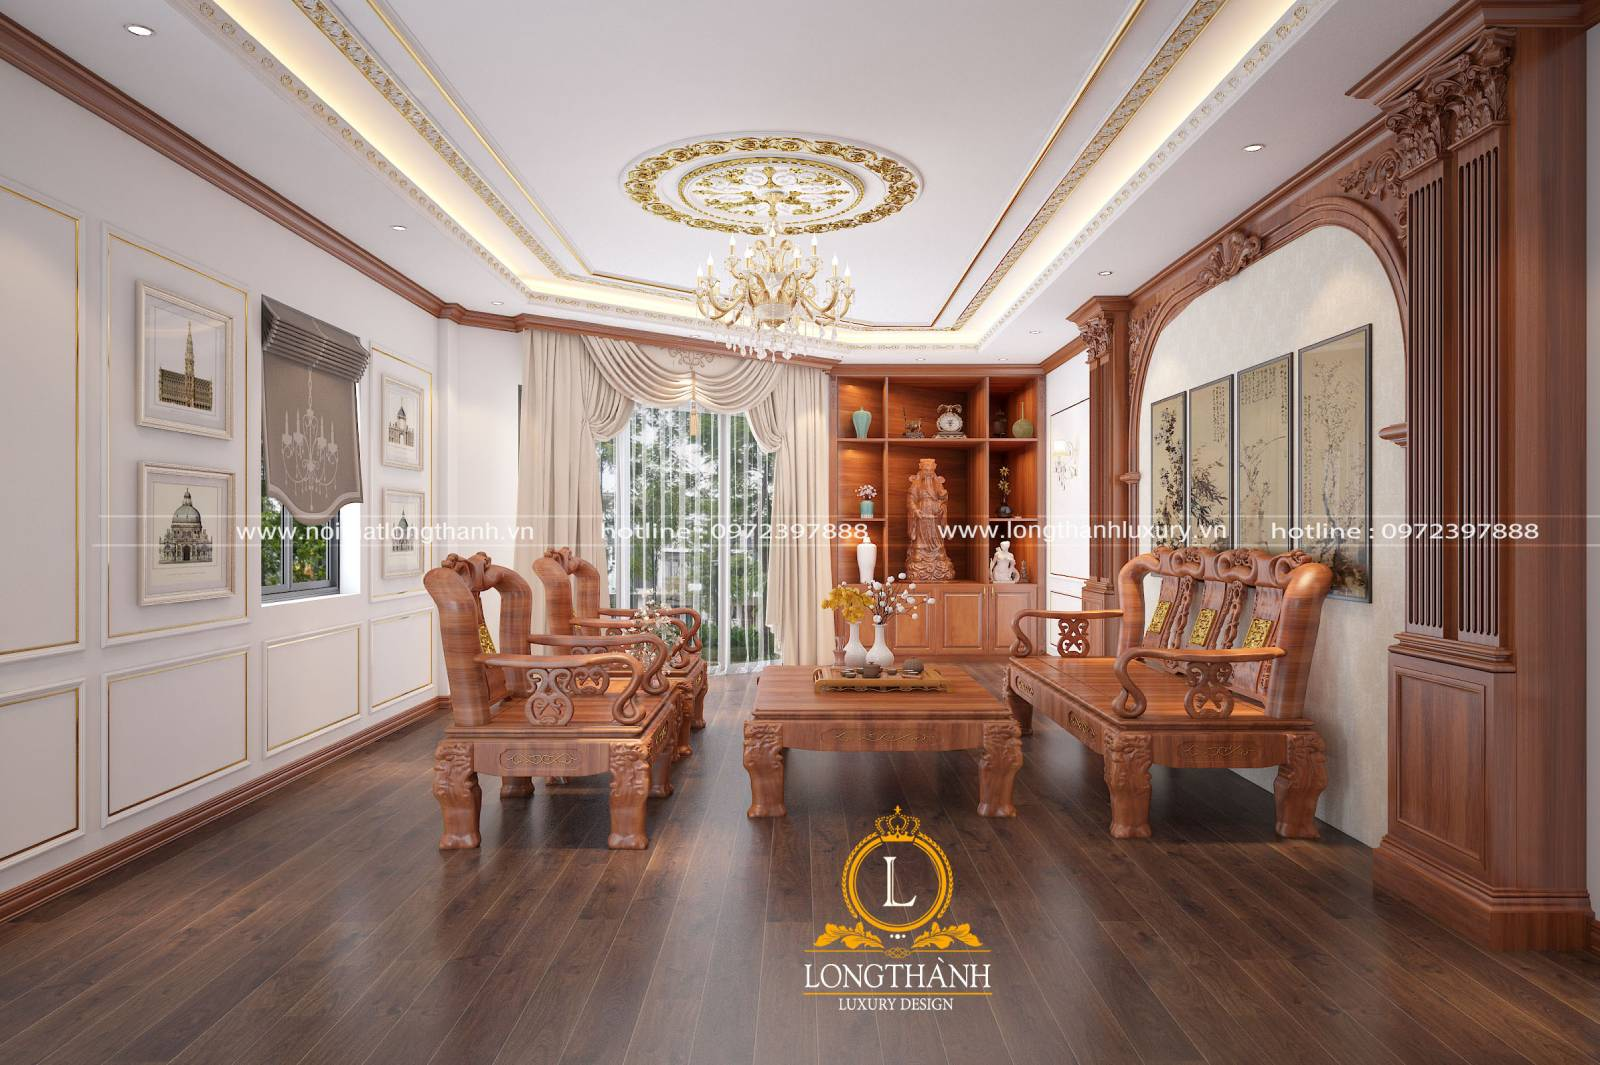 Mẫu sofa văn gỗ tự nhiên cho không gian phòng khách nhà phố